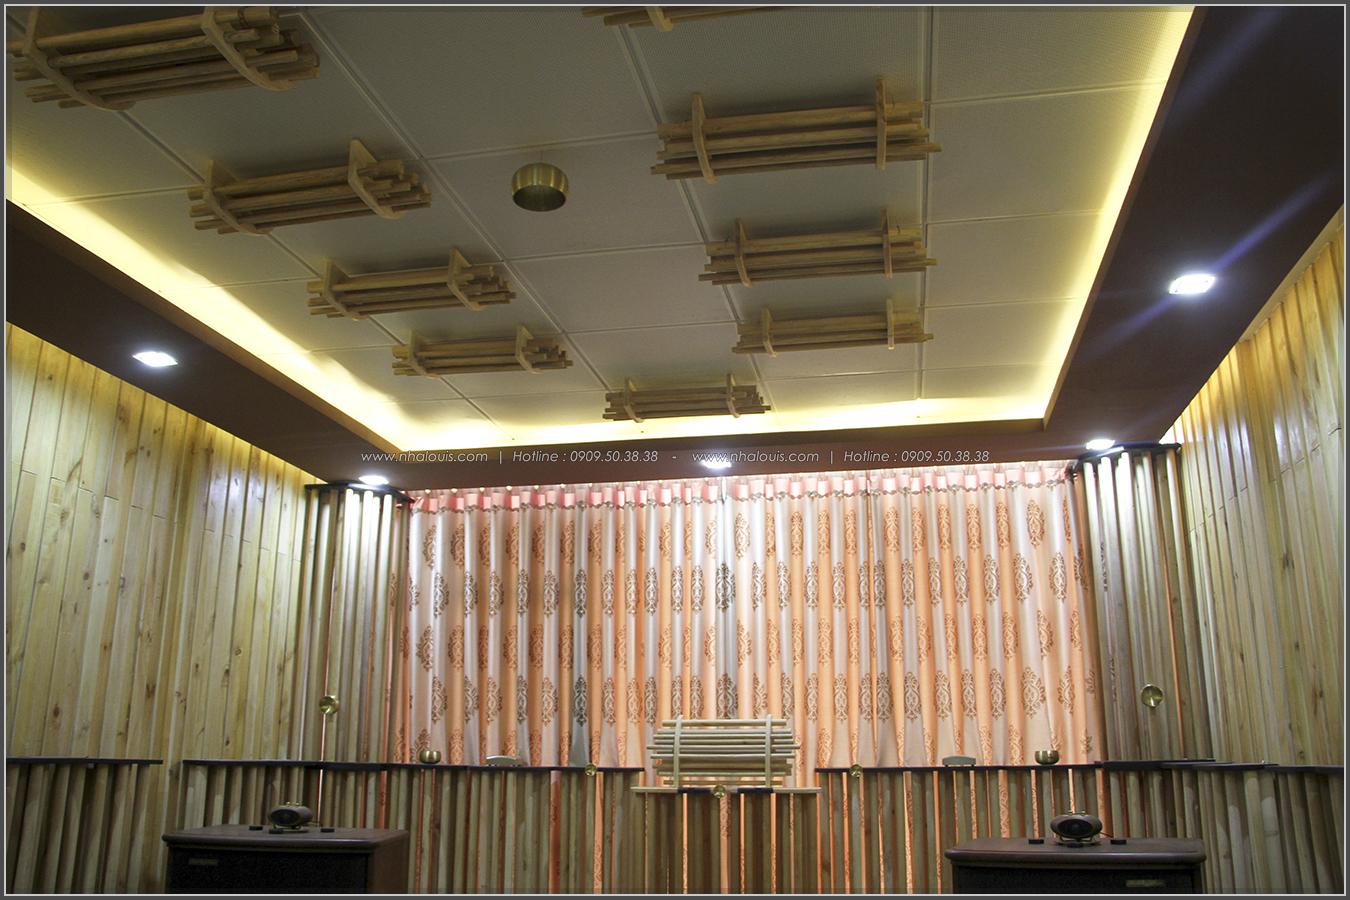 Thi công xây dựng nhà phố 1 trệt 2 lầu phong cách hiện đại ở Tân Phú - 29